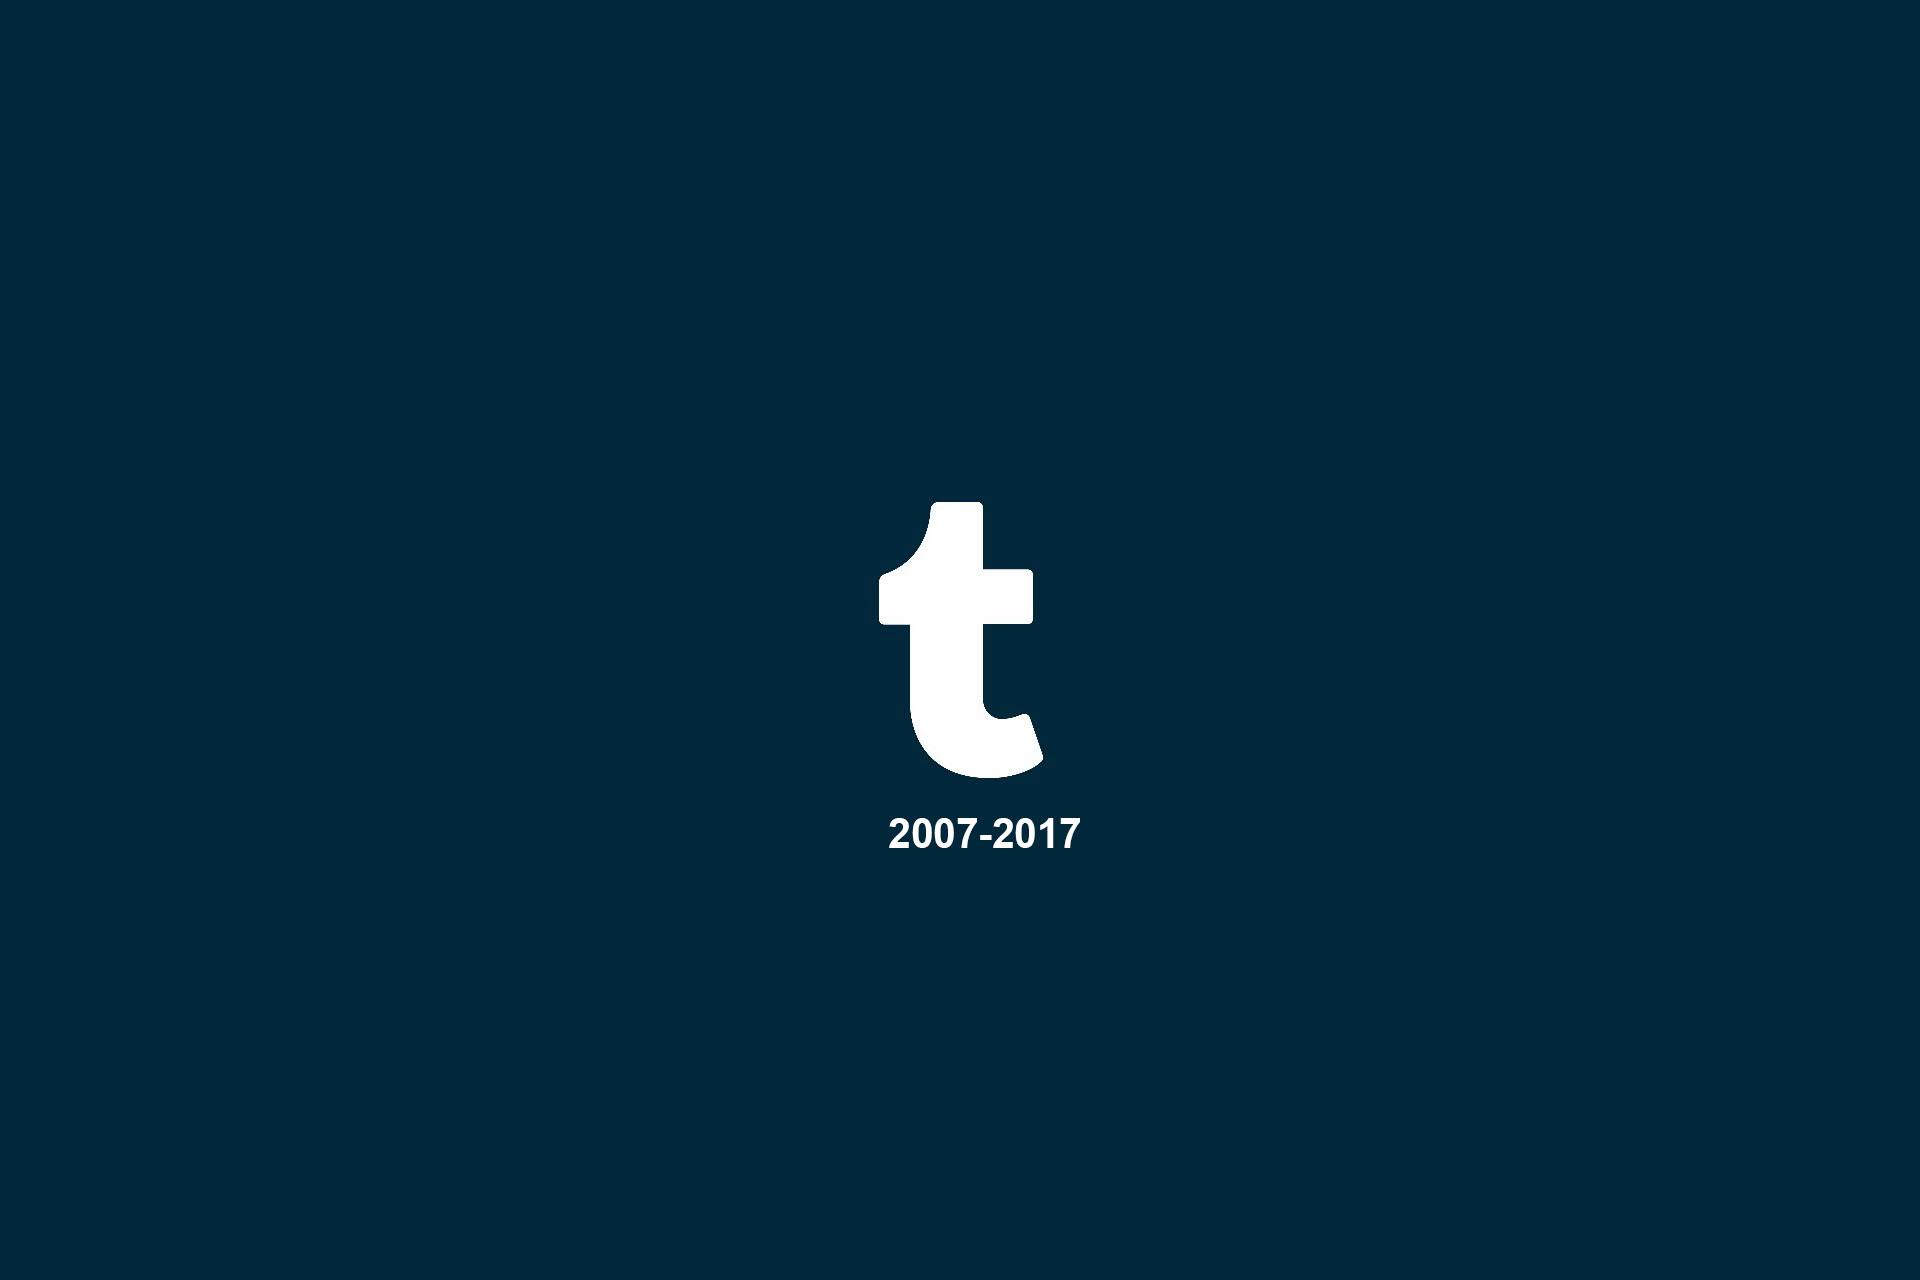 David Karp deja su creación después de 10 años   Tumblr